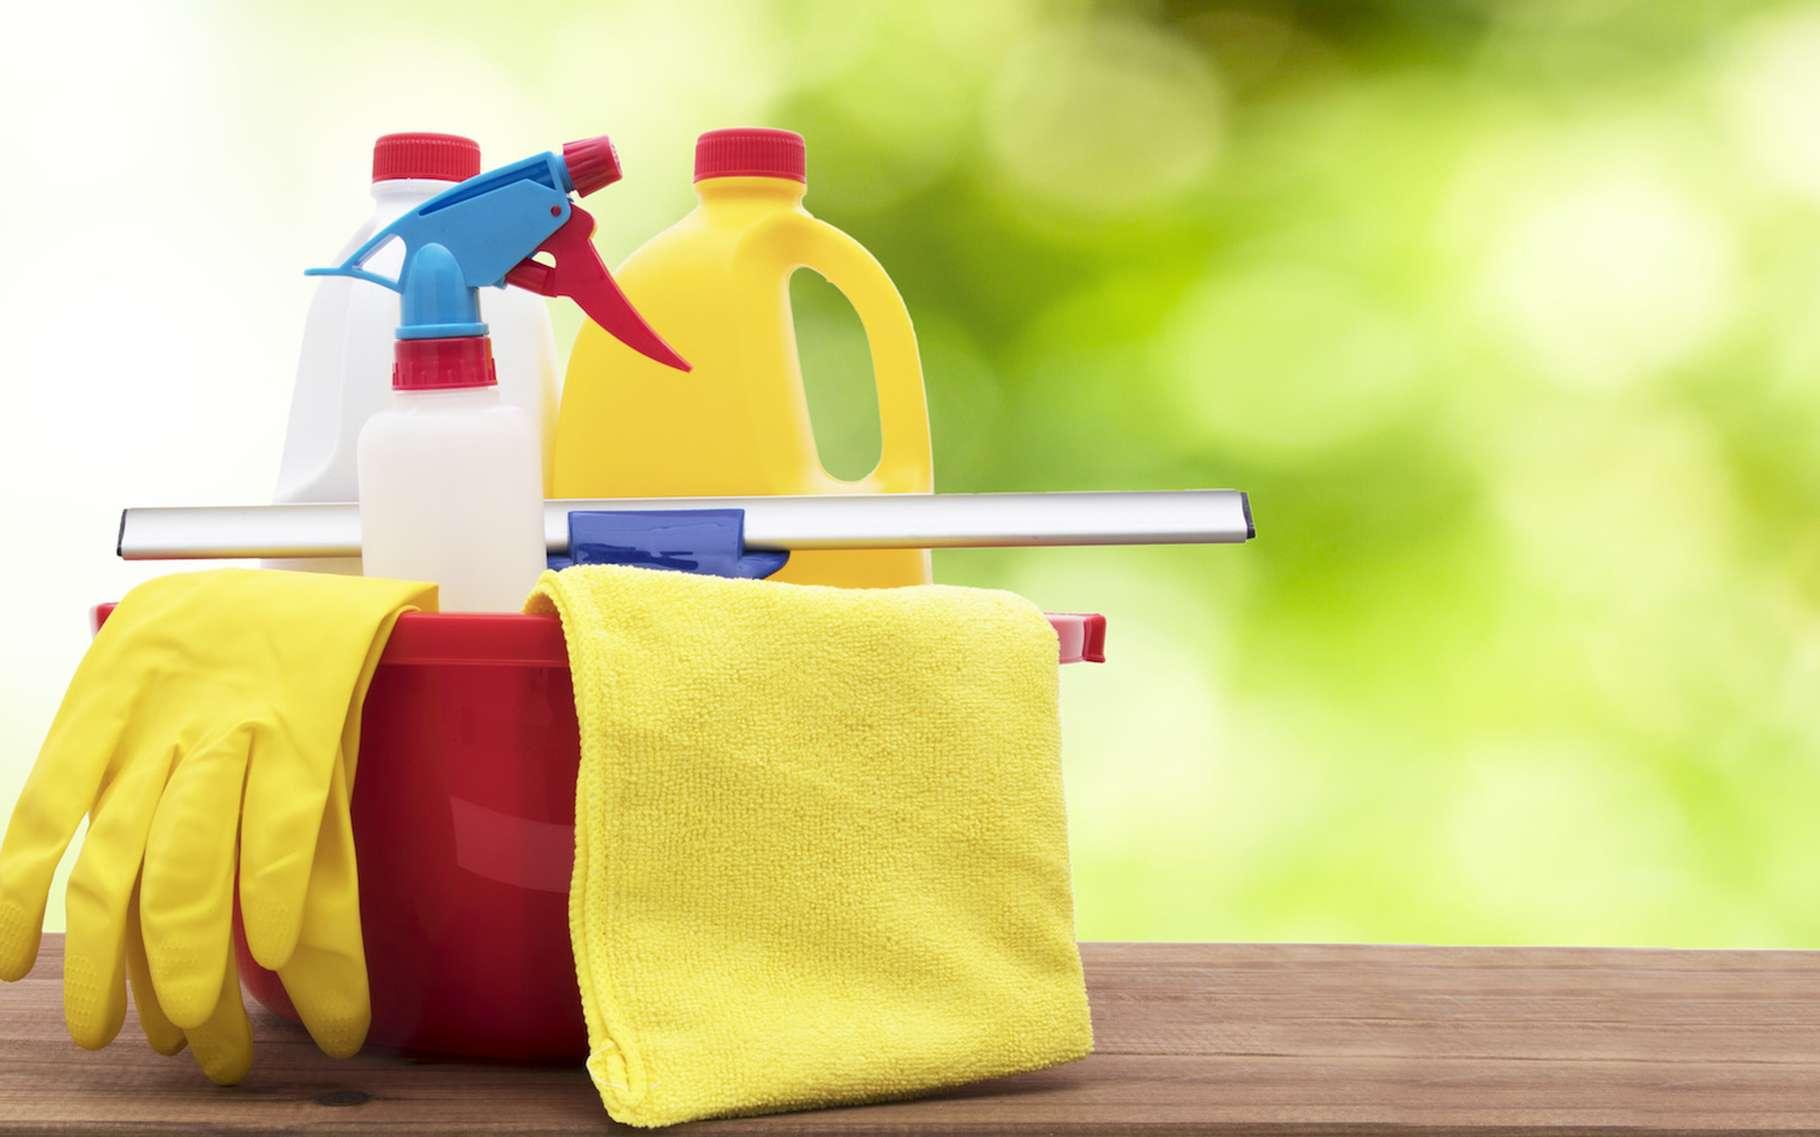 Une étude canadienne s'inquiète du lien qui semble exister entre l'exposition à des produits ménagers et l'obésité infantile. © carballo, Fotolia